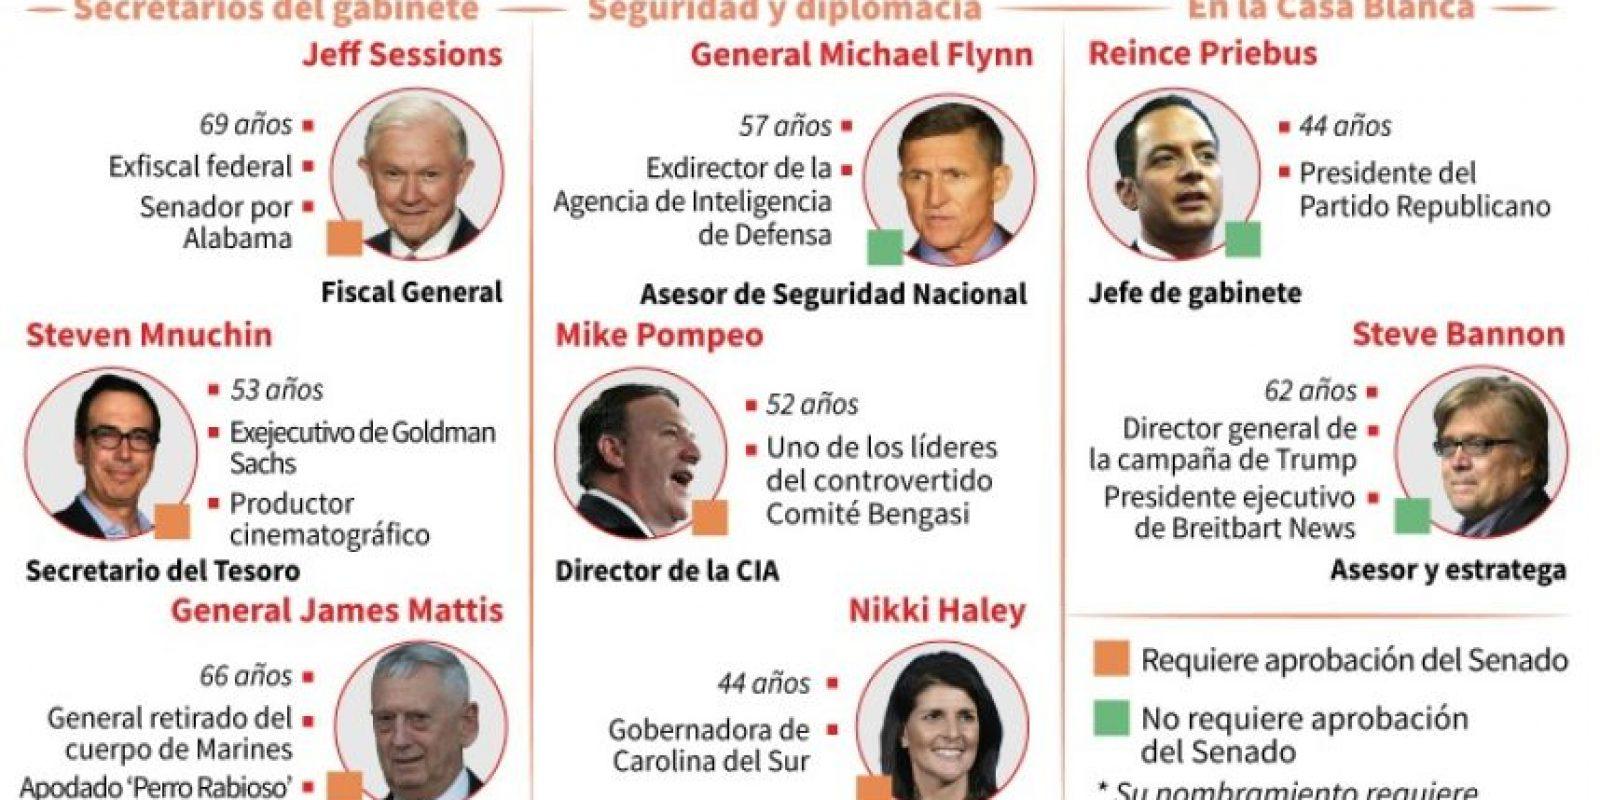 Los principales nombramientos de Donald Trump para su gabinete Foto:Christopher HUFFAKER/afp.com